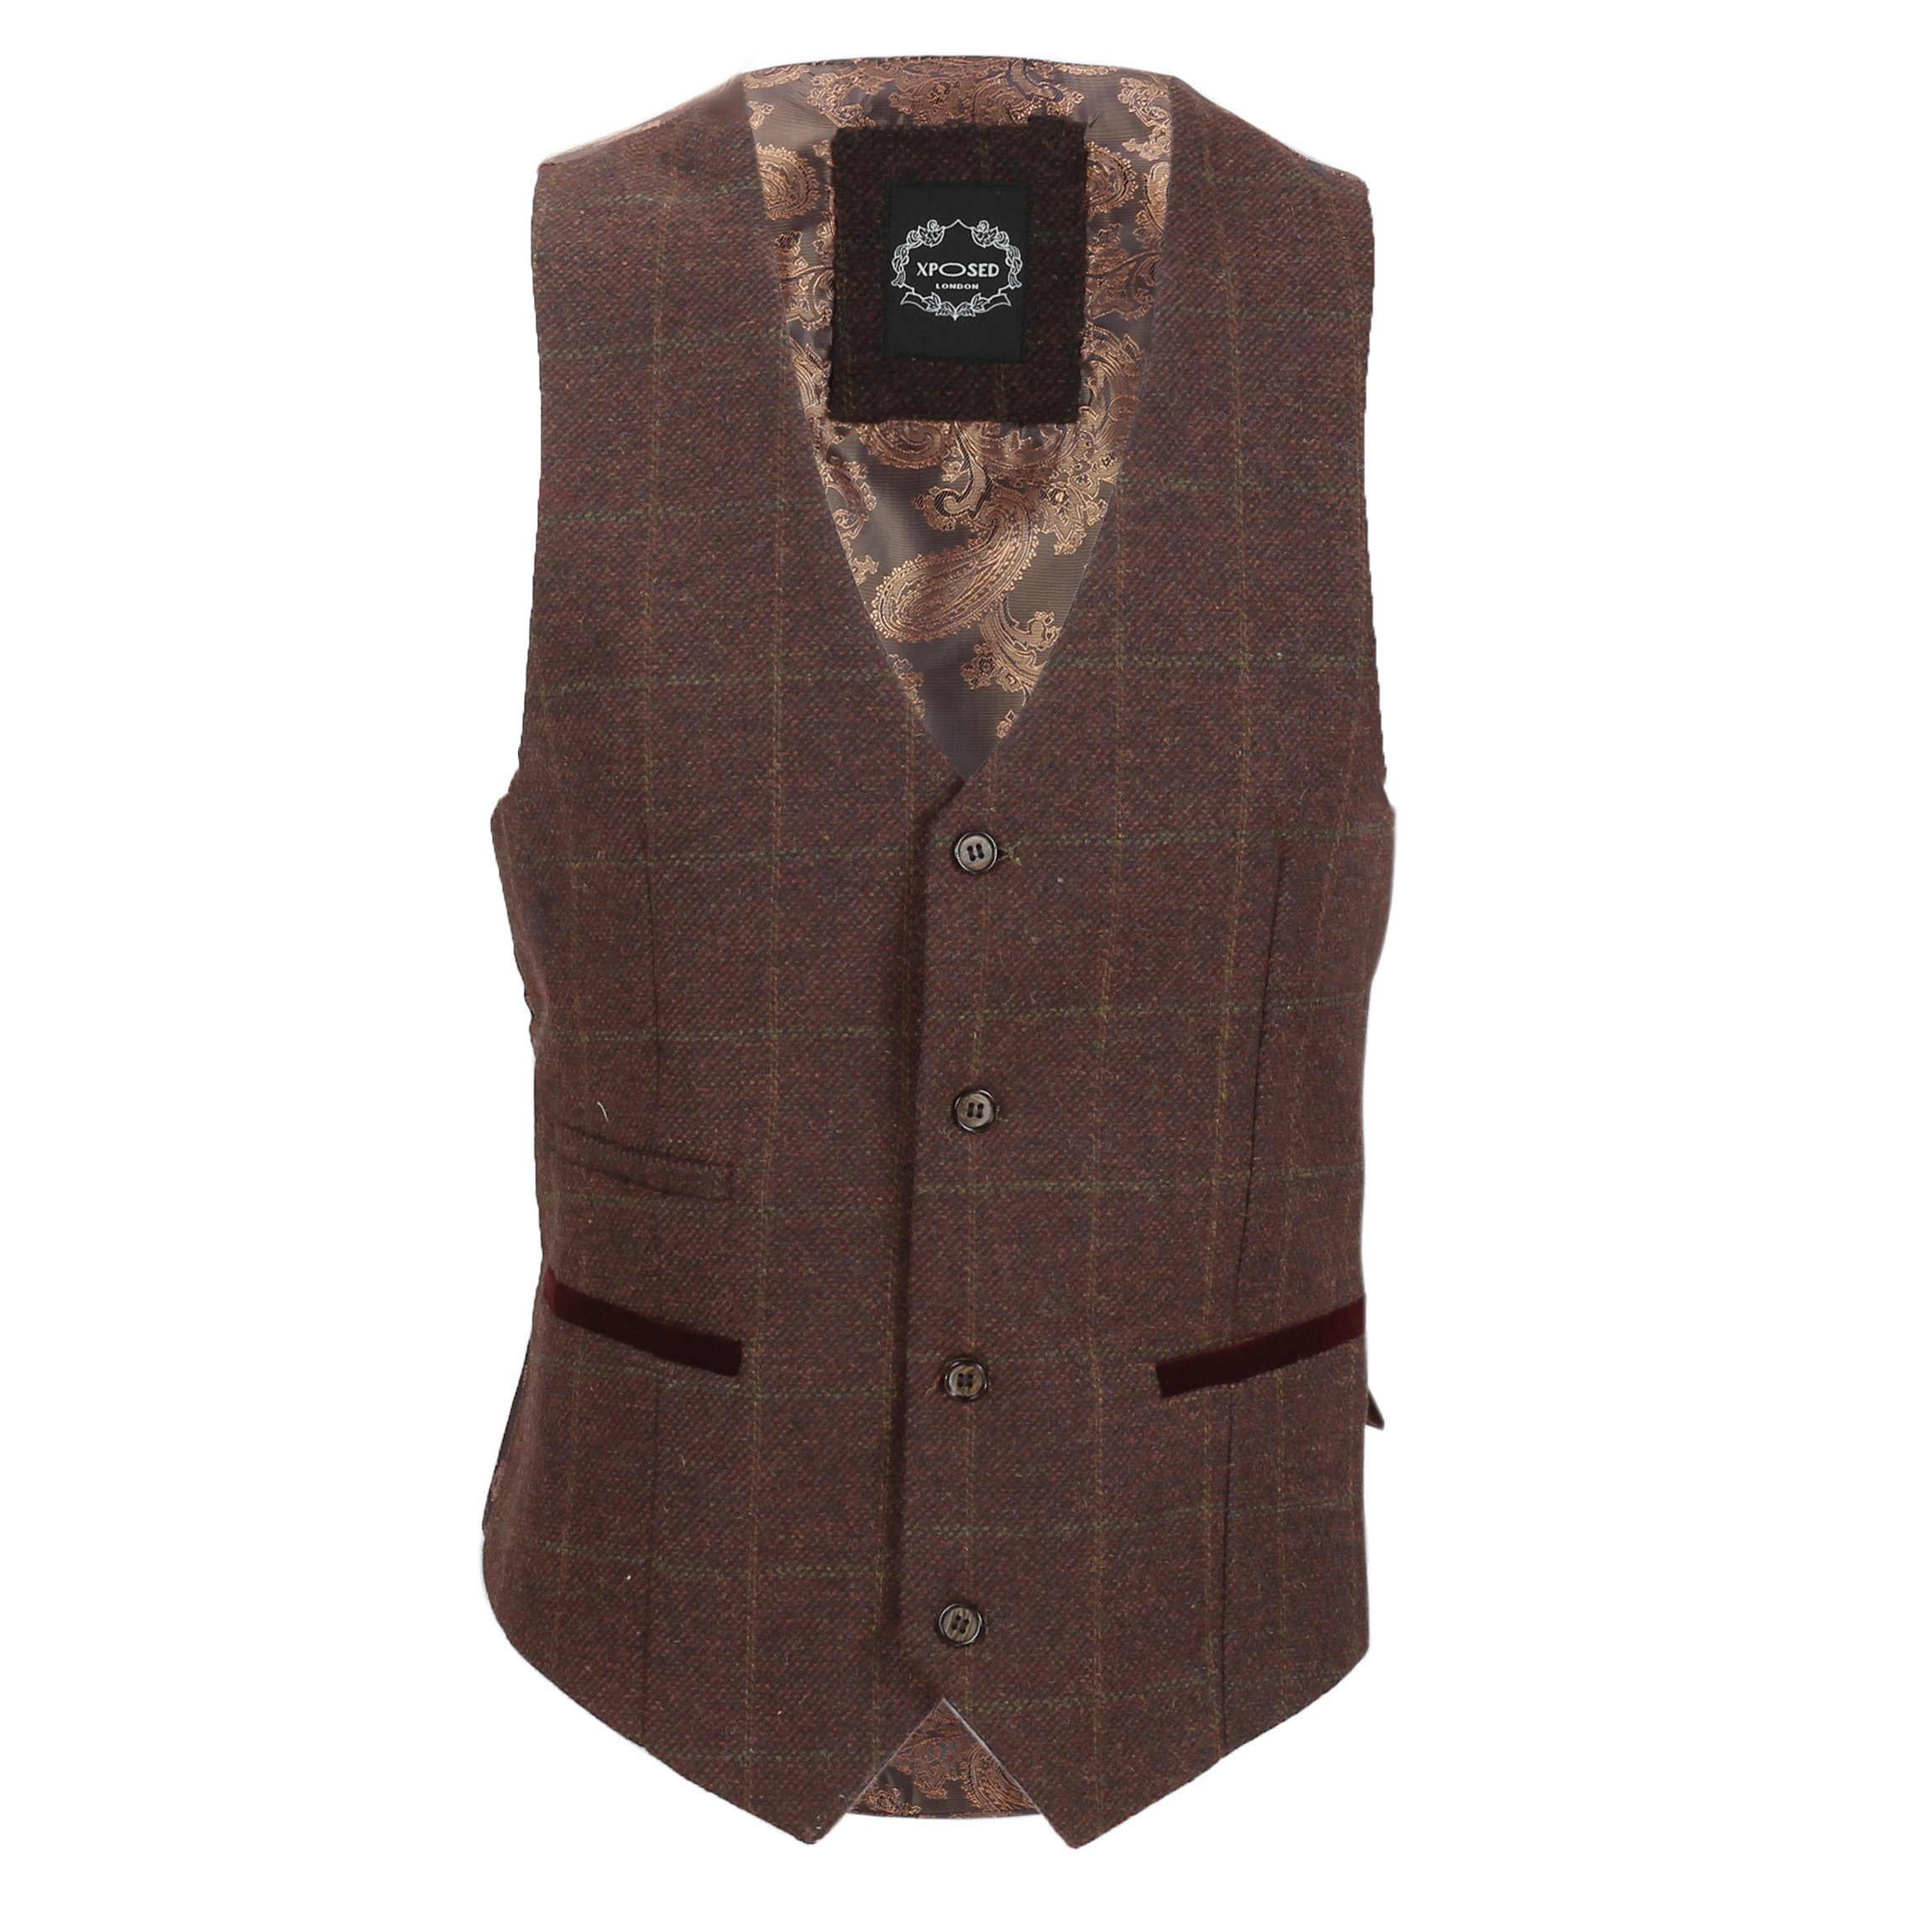 Nuevo-Chaleco-De-Hombre-Retro-Vintage-Marron-Tweed-Espiga-Roble-cheque-Smart-Casual miniatura 7